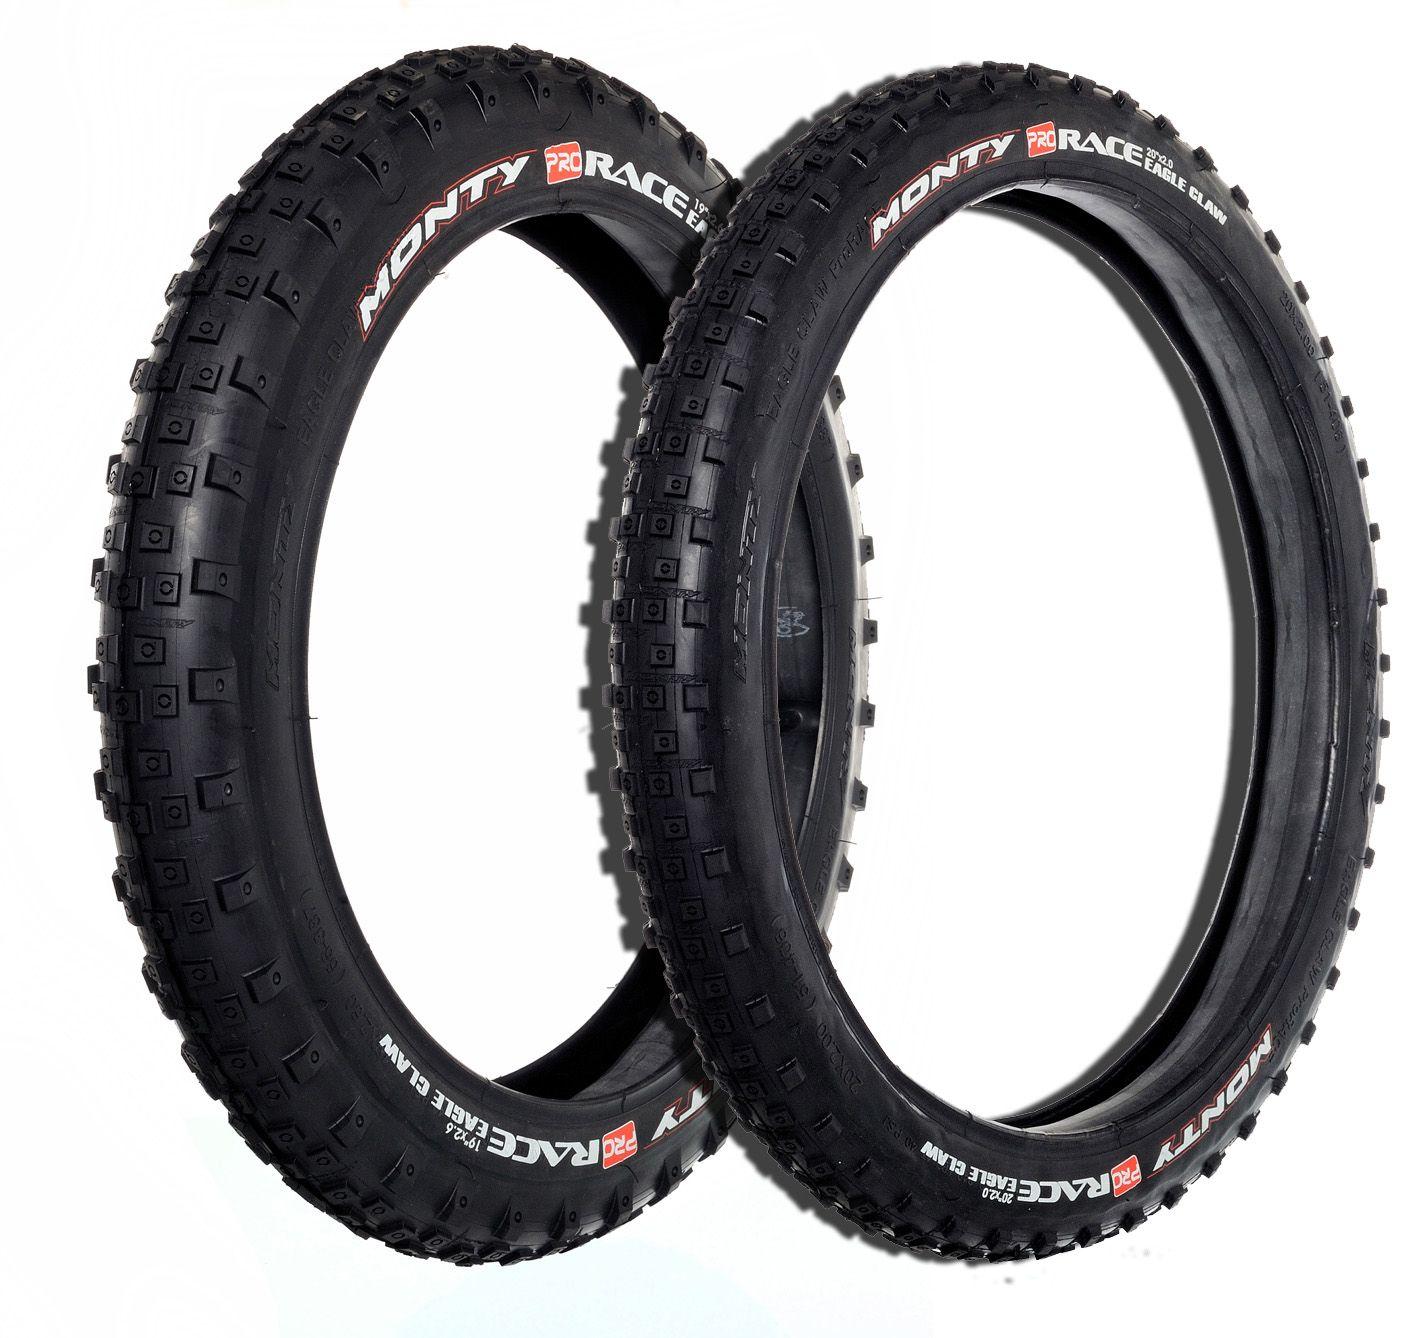 outlet pack pneu velo trial race superlight monty noir trial. Black Bedroom Furniture Sets. Home Design Ideas